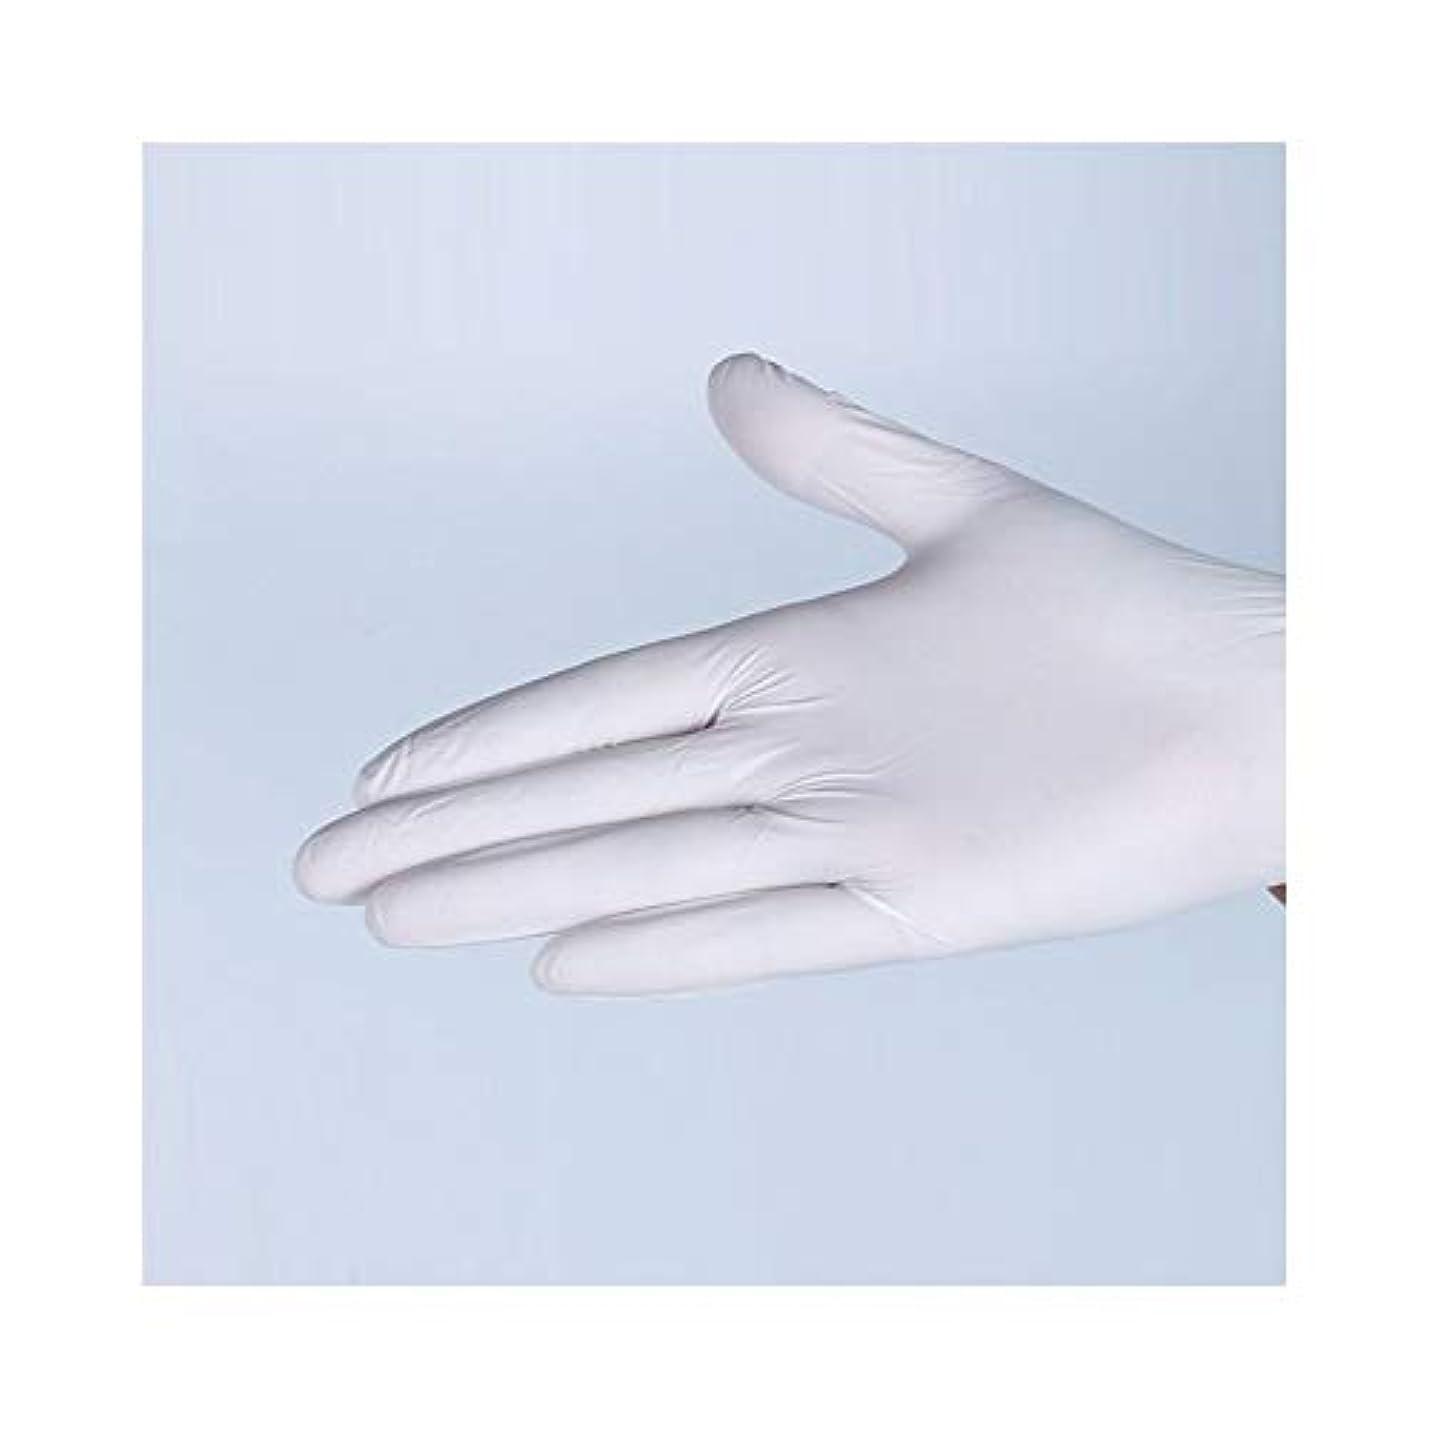 第五地上で傭兵使い捨てのパウダーフリー化学実験ニトリル手袋工業労働保護手袋 YANW (Color : White, Size : M)